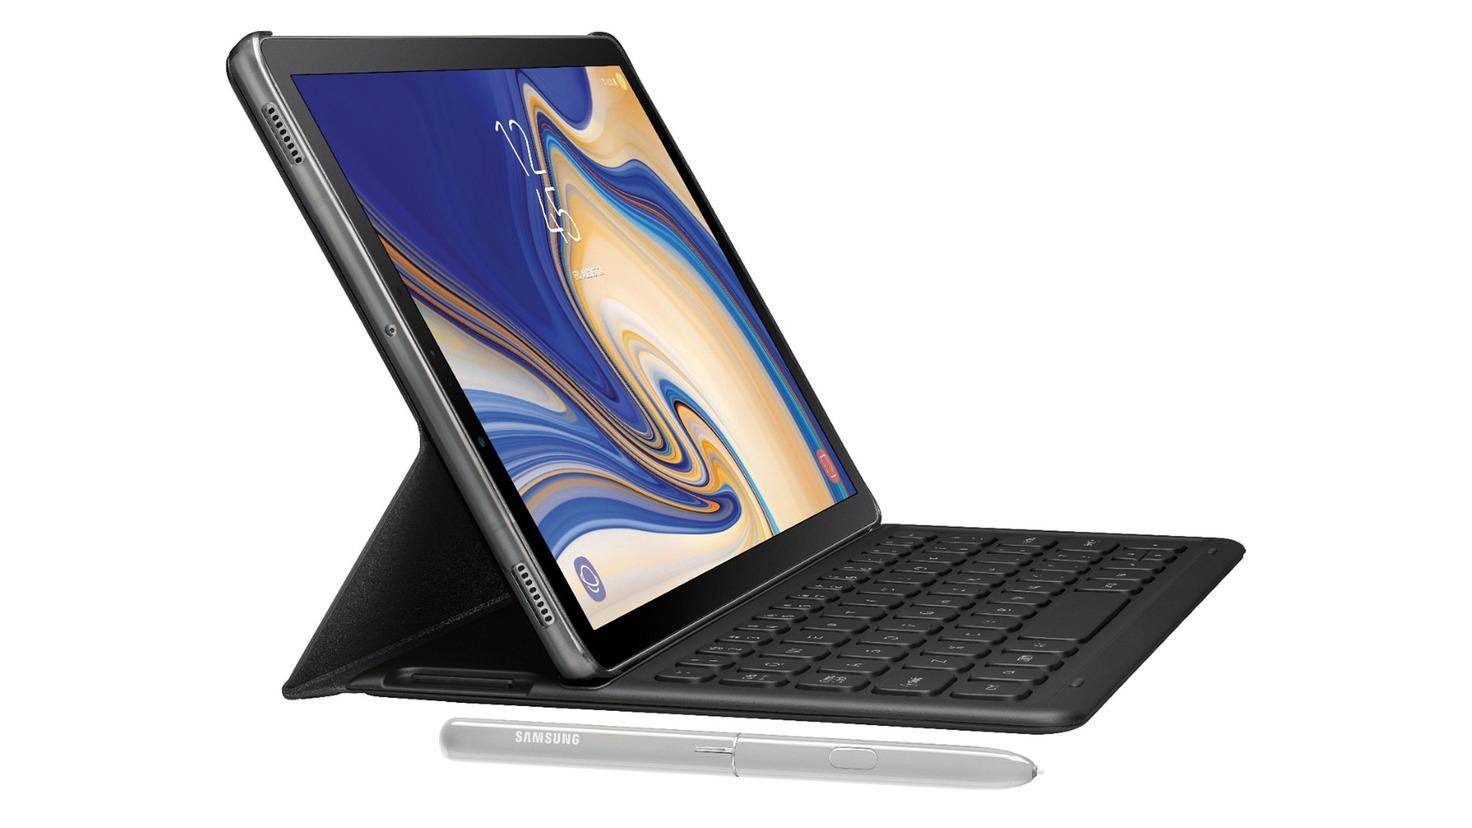 Galaxy-Tab-S4-Teaser